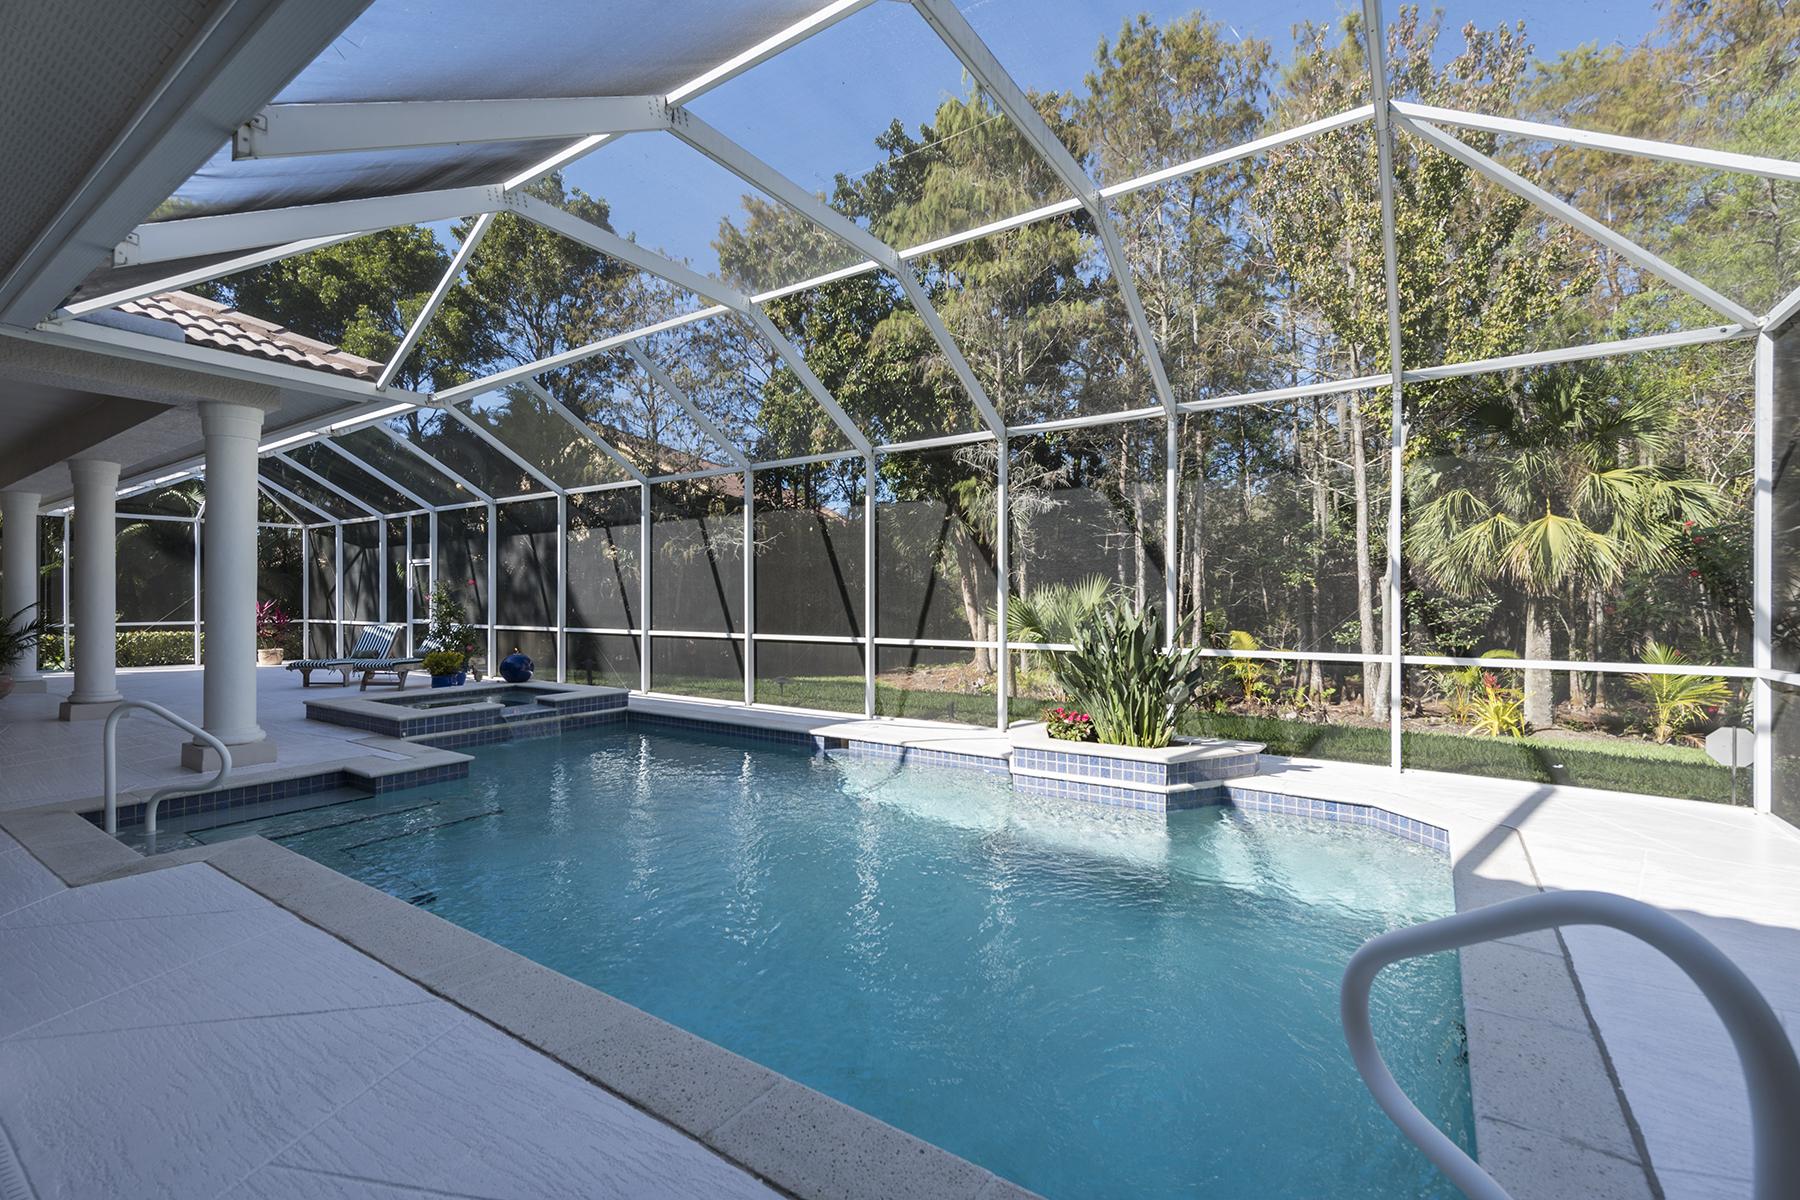 단독 가정 주택 용 매매 에 HAWKSRIDGE 2271 Hawksridge Dr Naples, 플로리다, 34105 미국